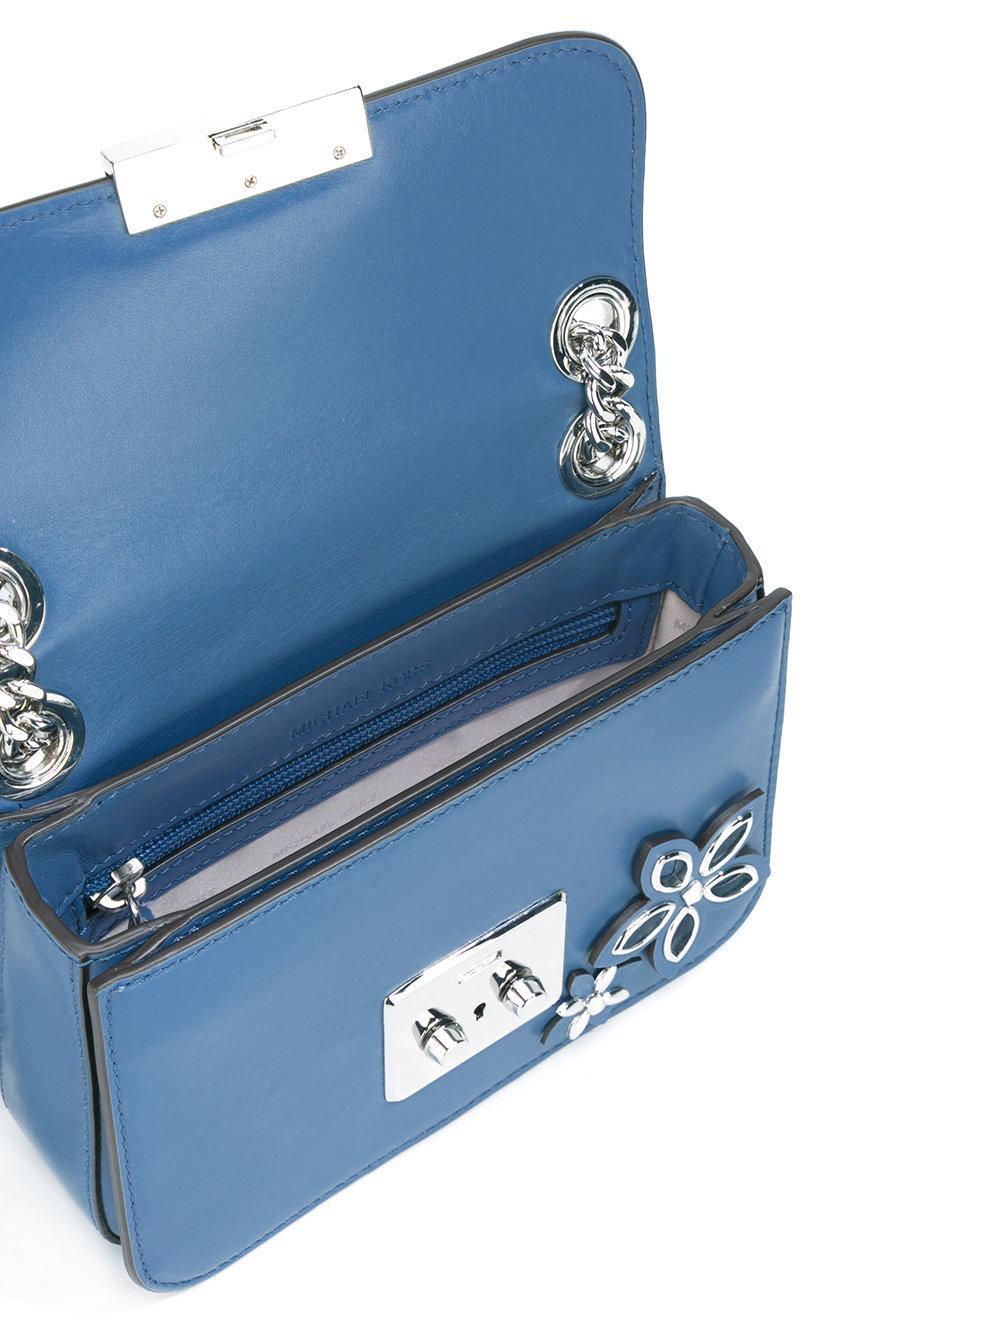 Michael Michael Kors Floral Embellished Shoulder Bag In Blue   Lyst